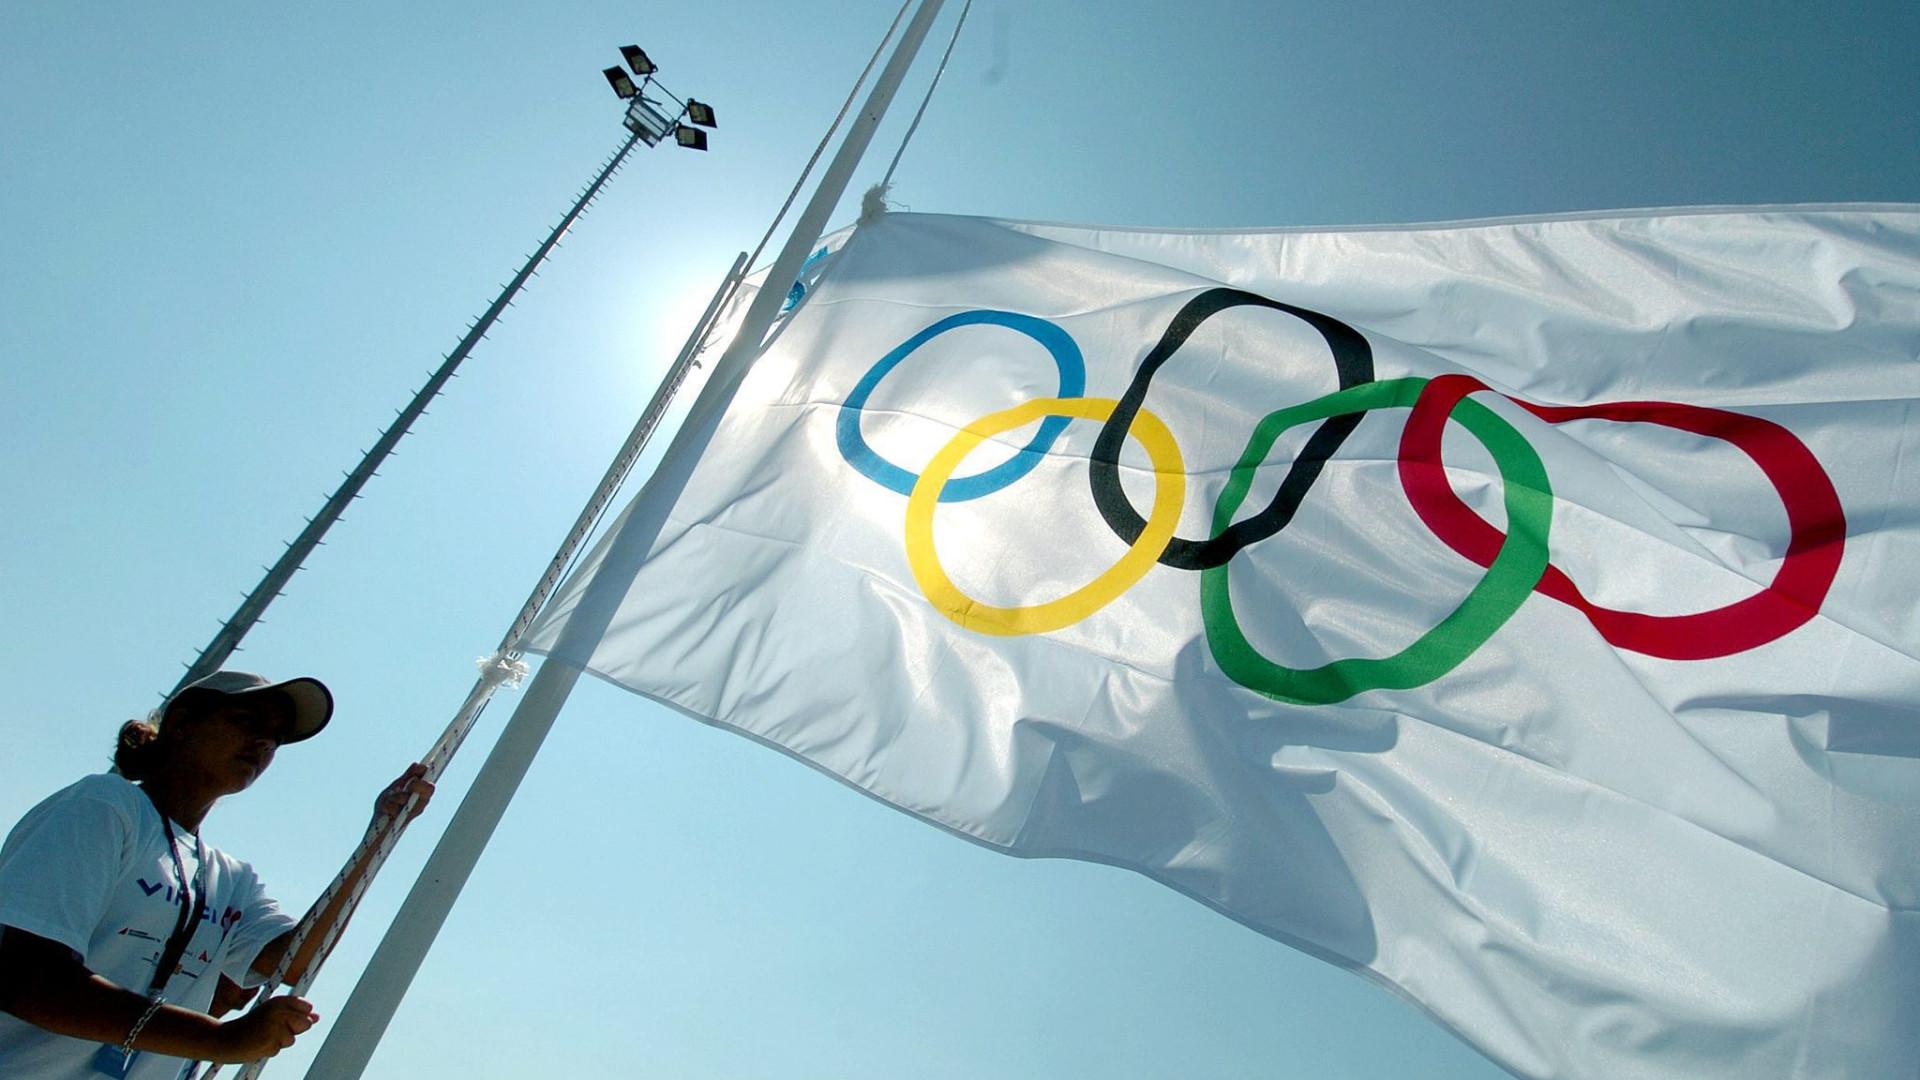 Coreia do Sul encoraja atletas russos a competirem nos JO de Inverno